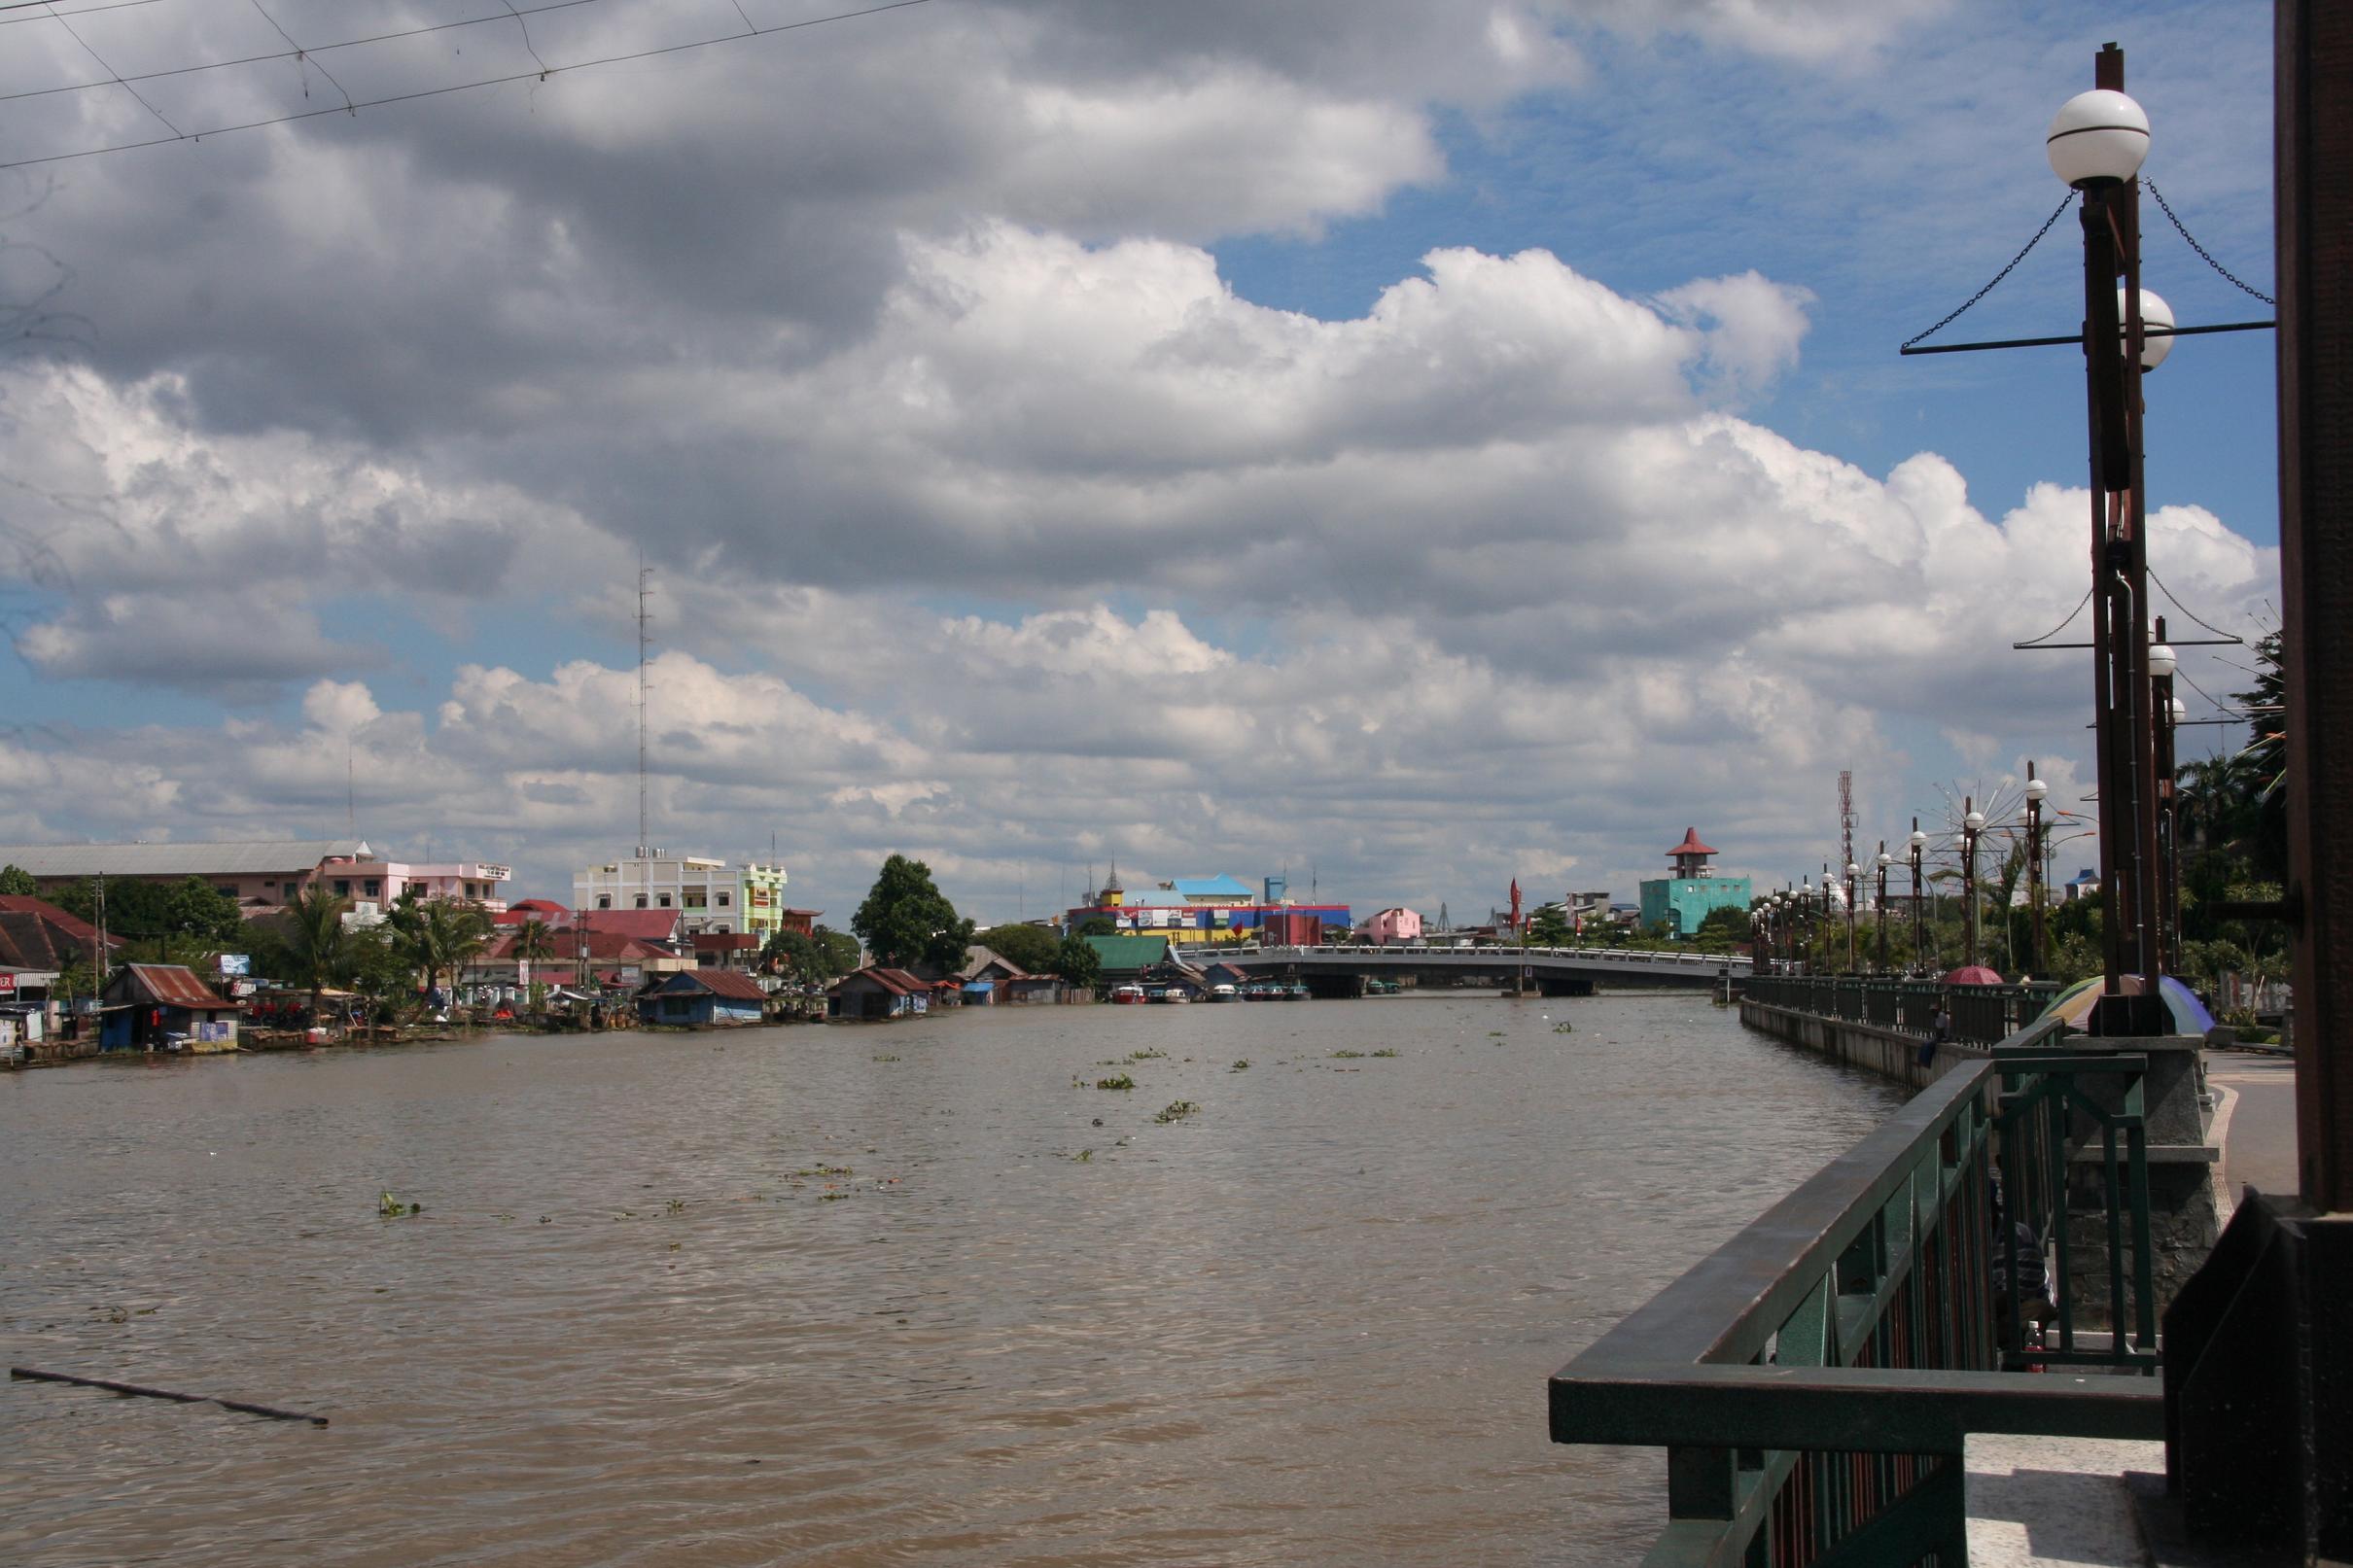 Galeri Foto Jelajah Kalimantan Taman Siring Sungai Martapura Kab Banjarmasin